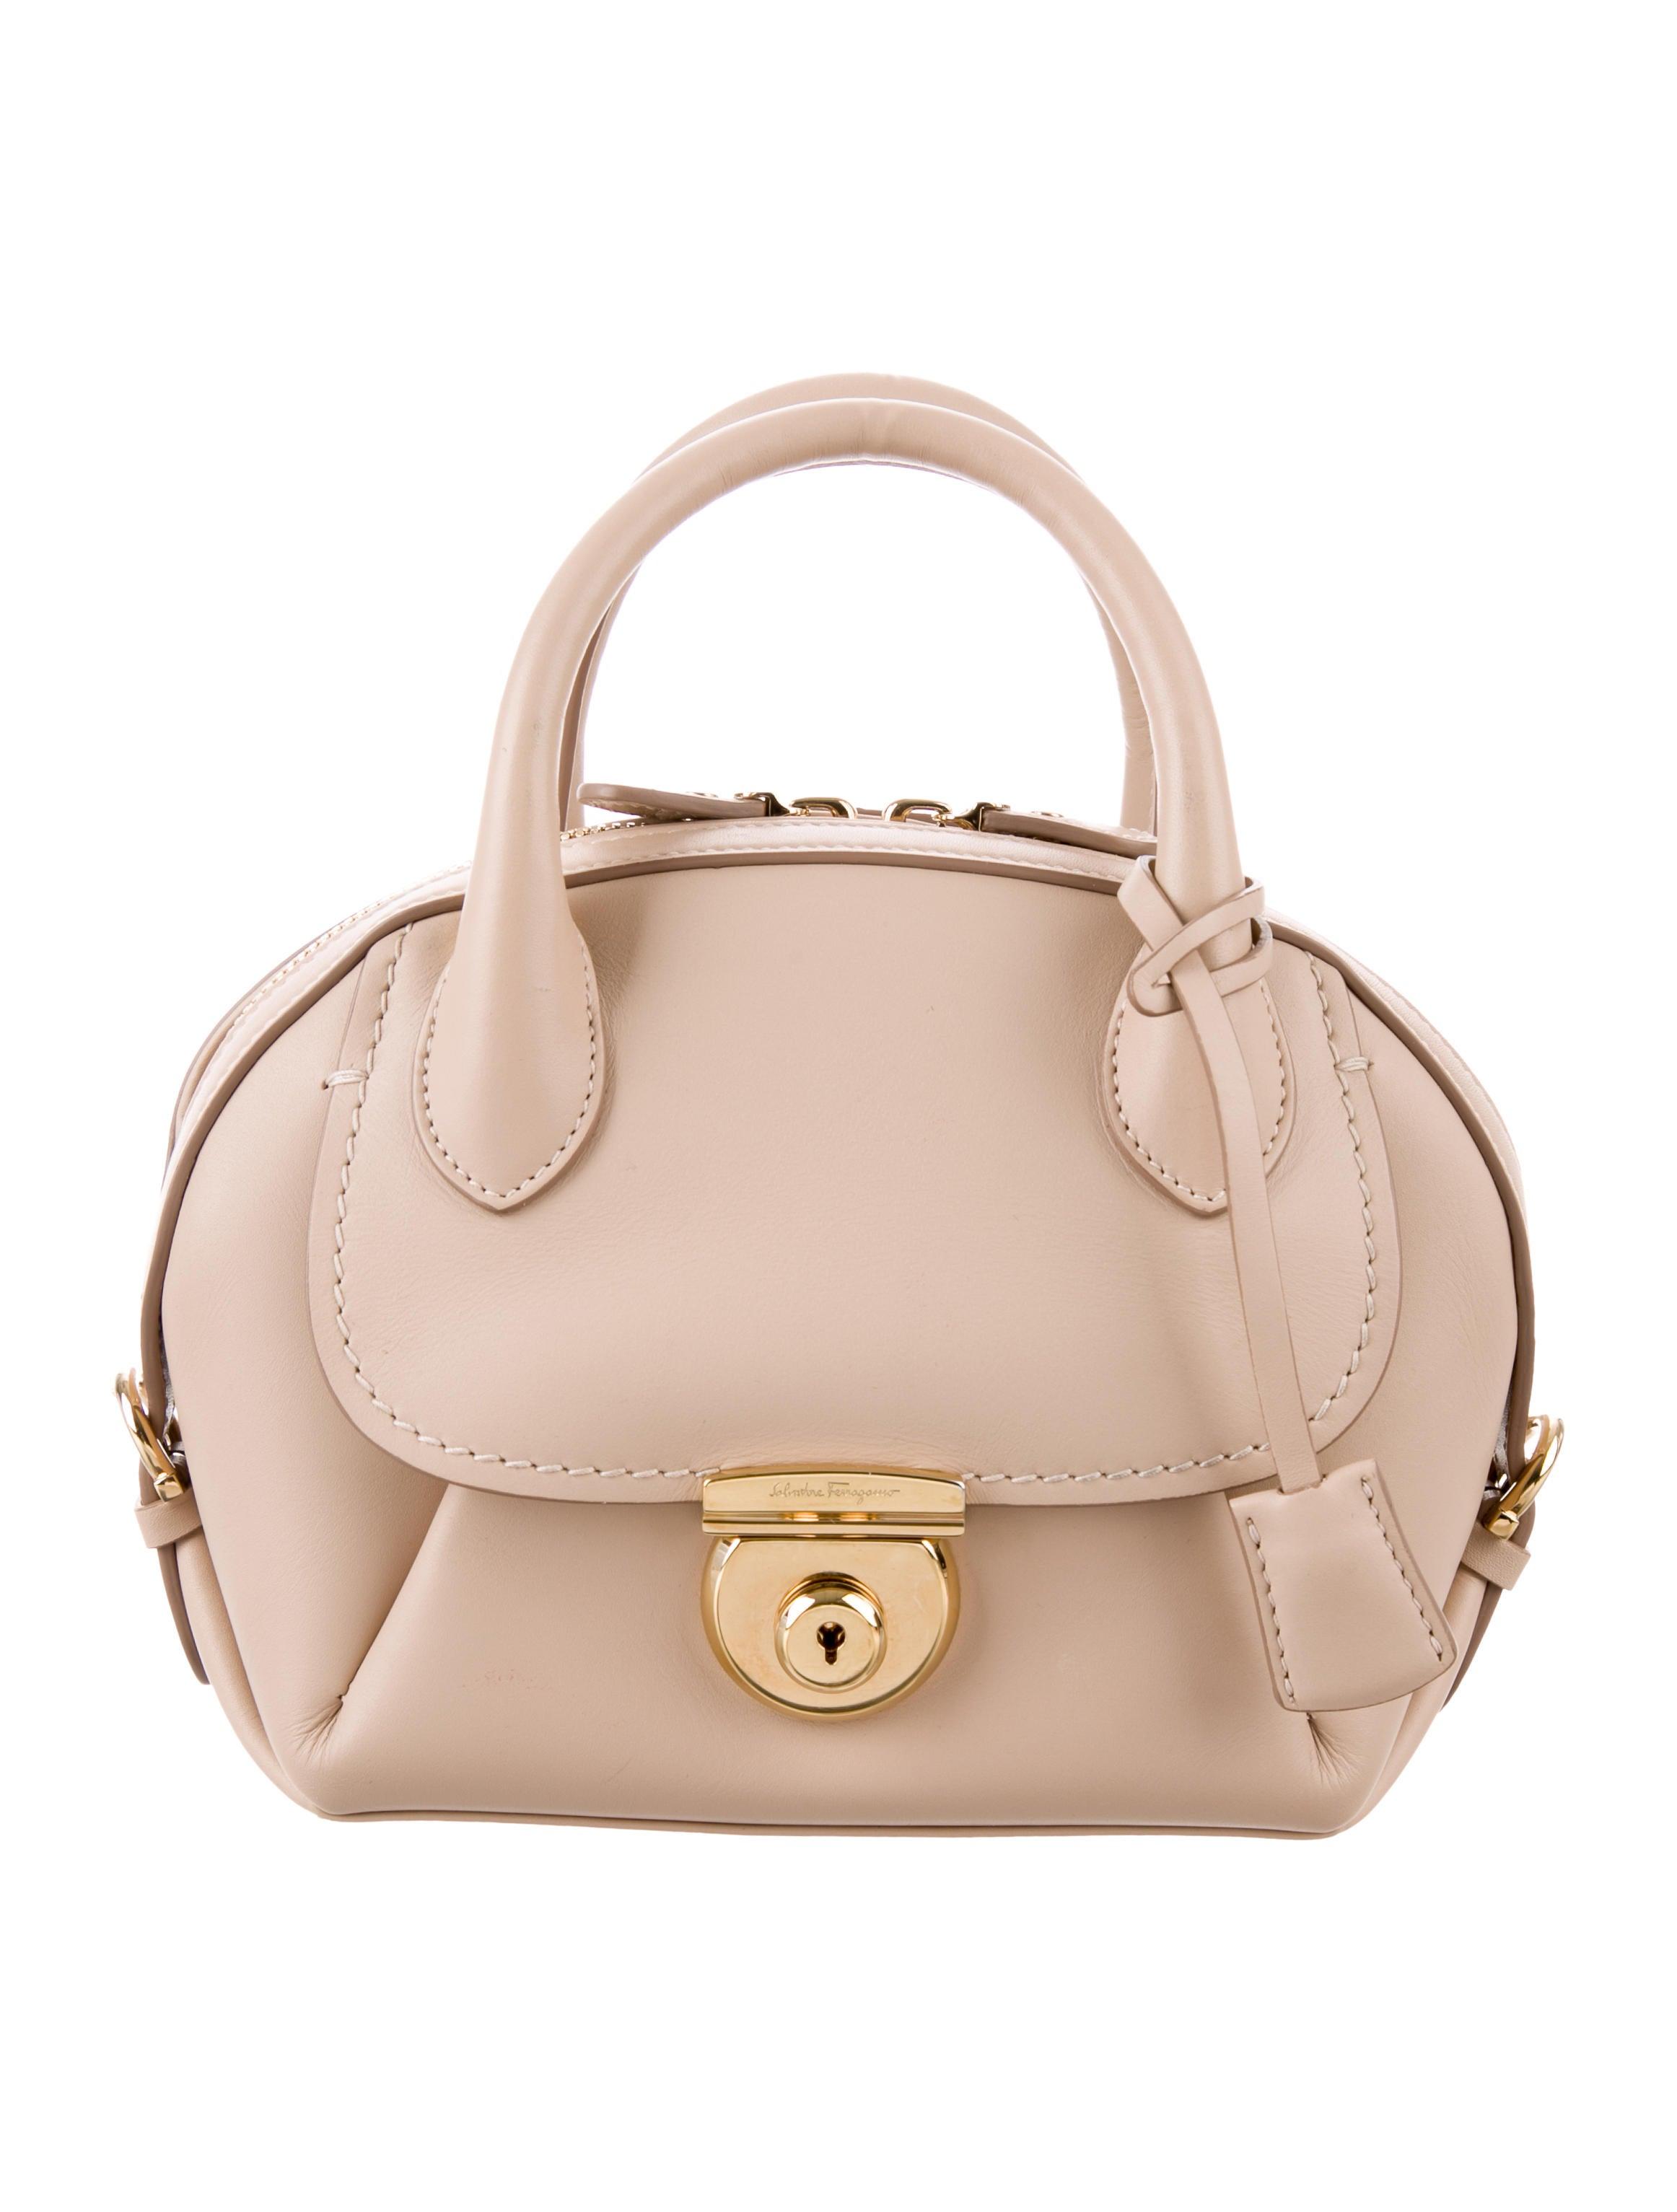 1e75f5bc5362 Salvatore Ferragamo Mini Fiamma Bag - Handbags - SAL63089